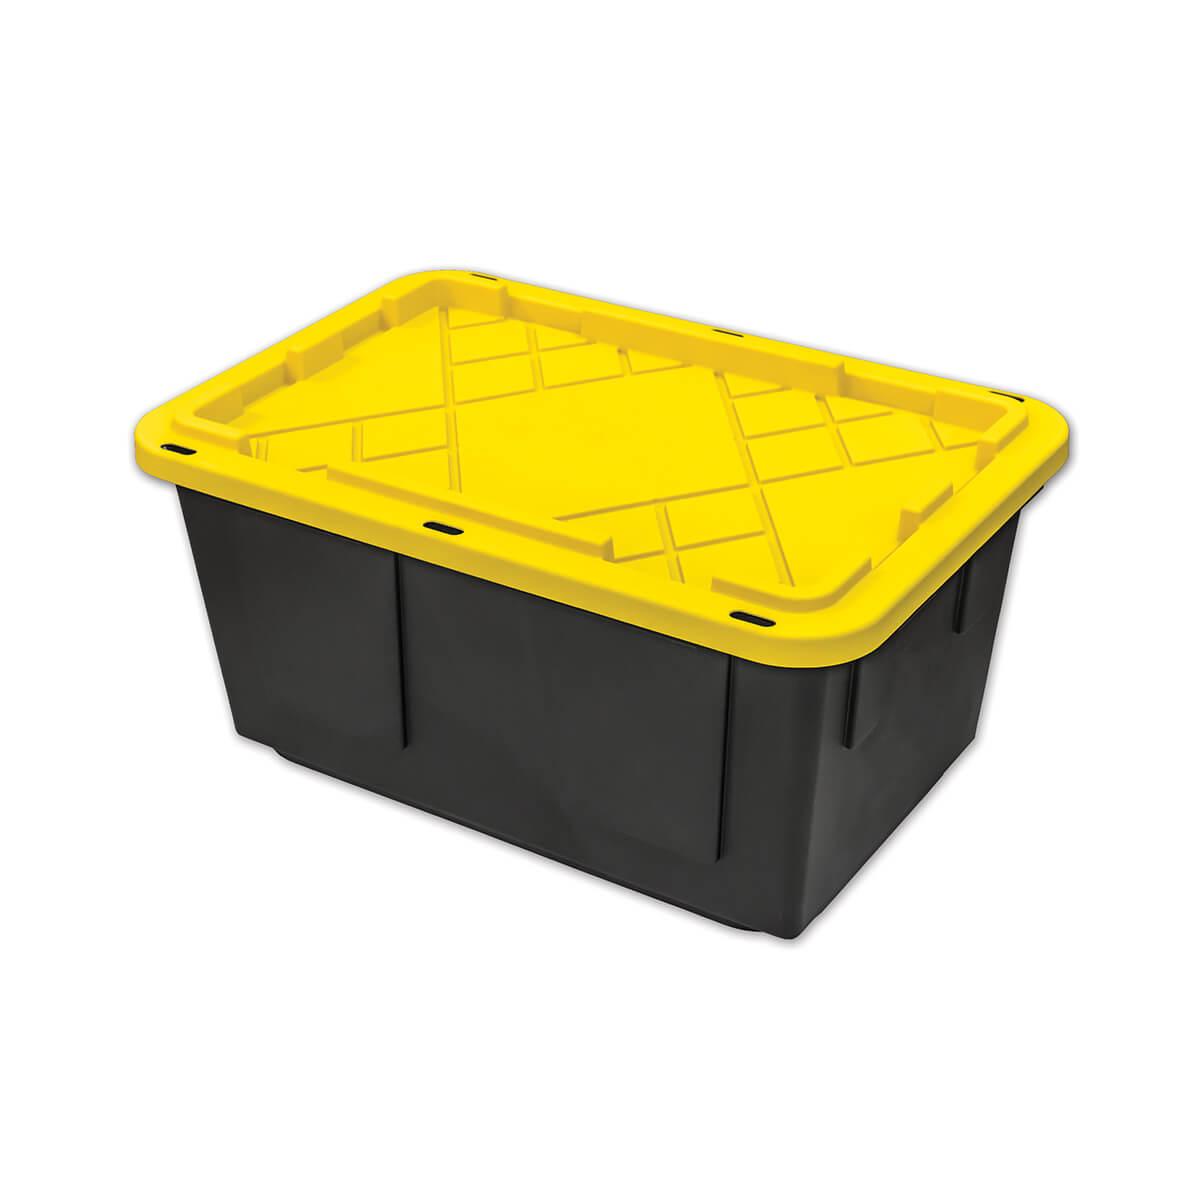 Tough Box Storage Tote, Black/Yellow - 27 Gallon